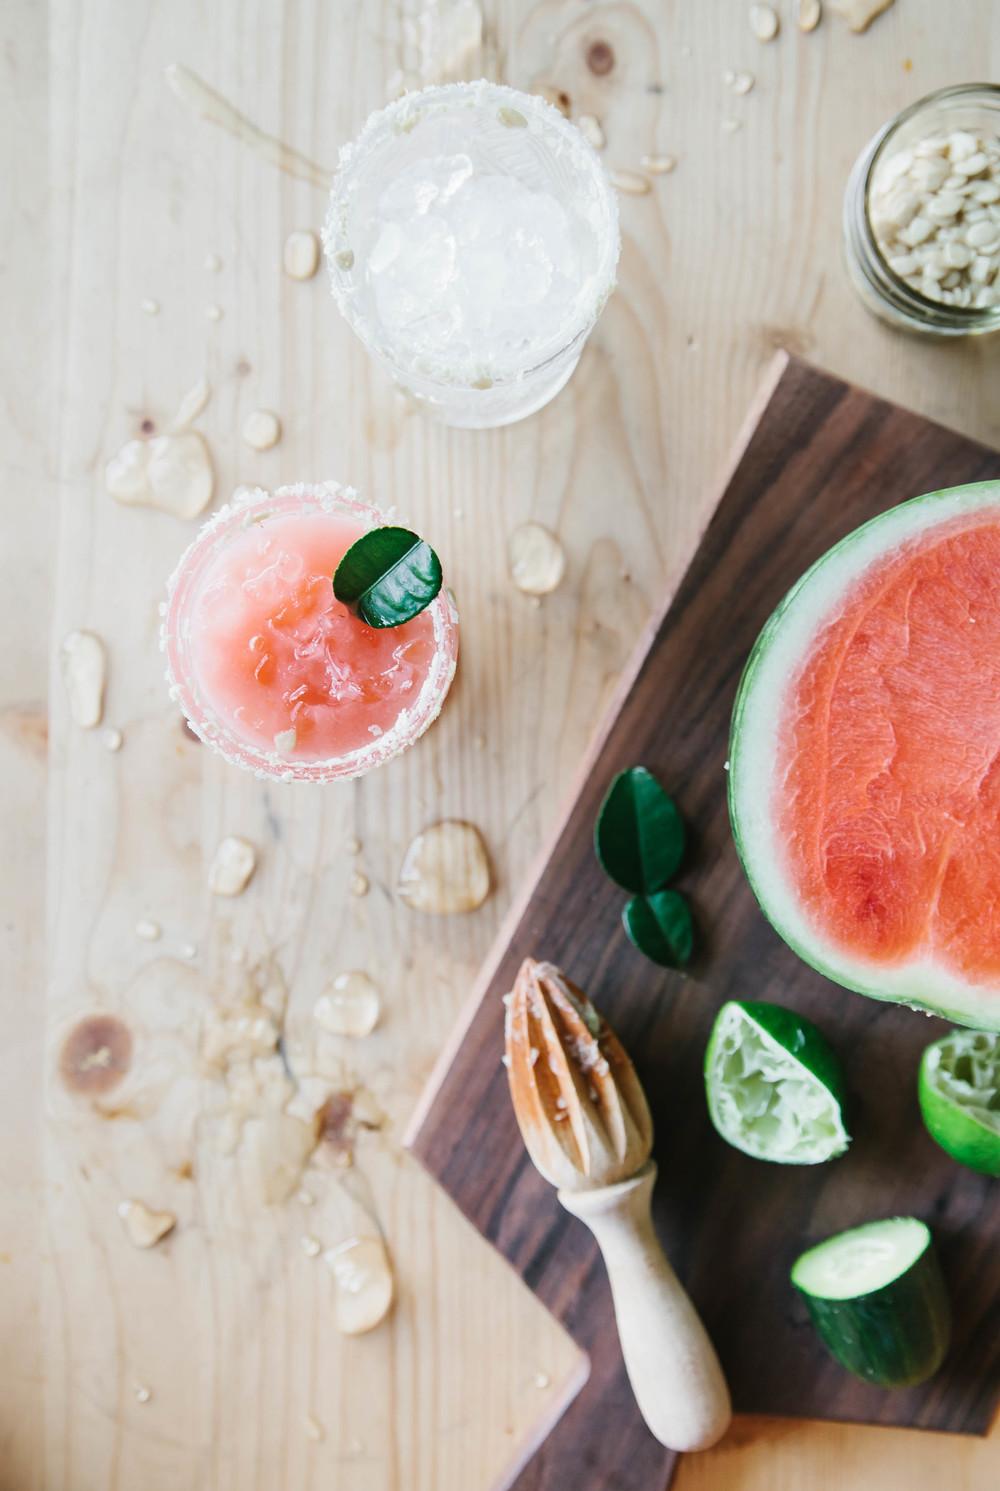 watermelon_02.jpg